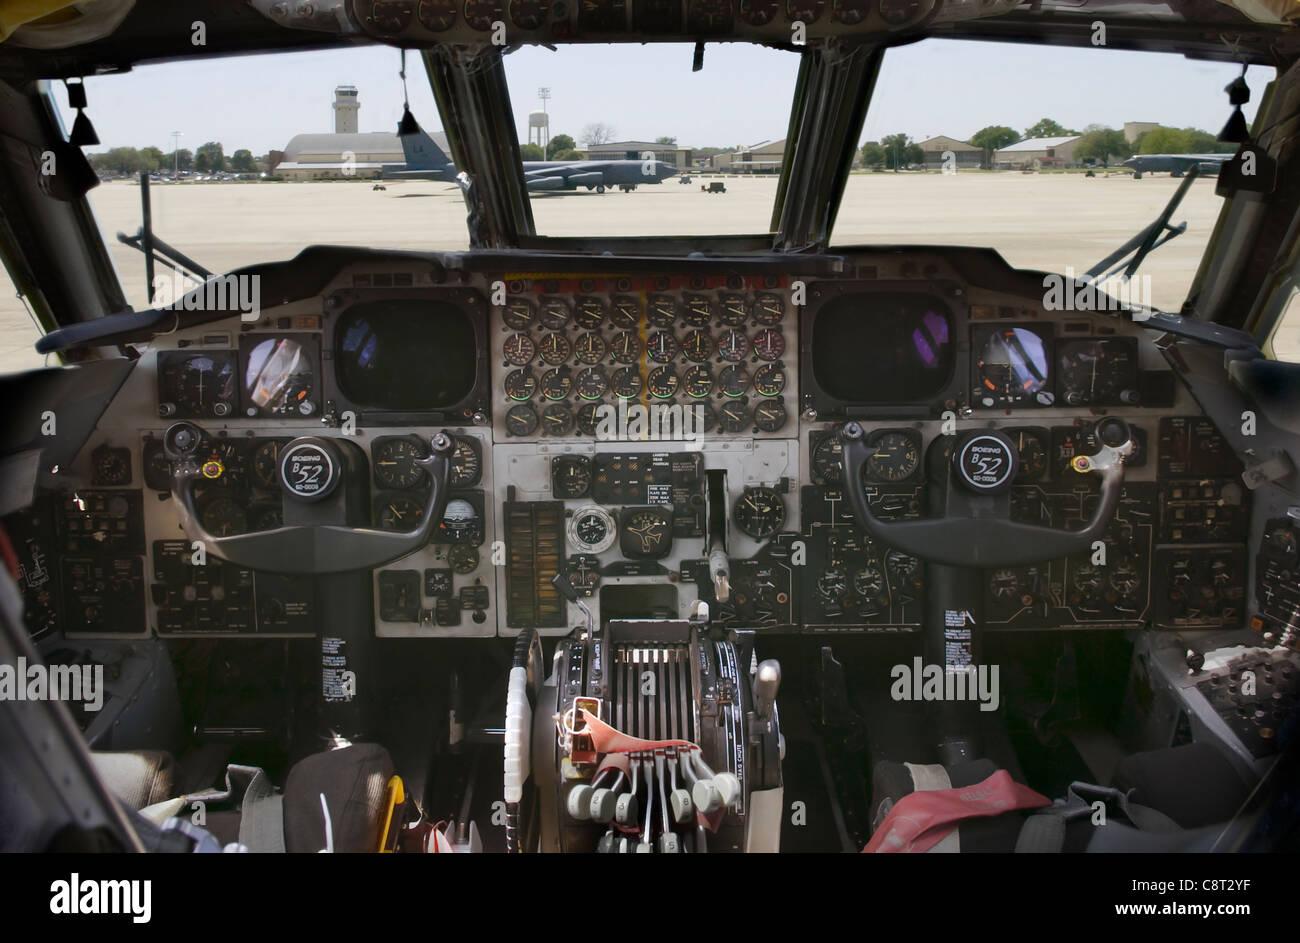 Vue de base aérienne de Barksdale, la piste de l'intérieur d'un B-52 Stratofortress le 29 avril. Banque D'Images